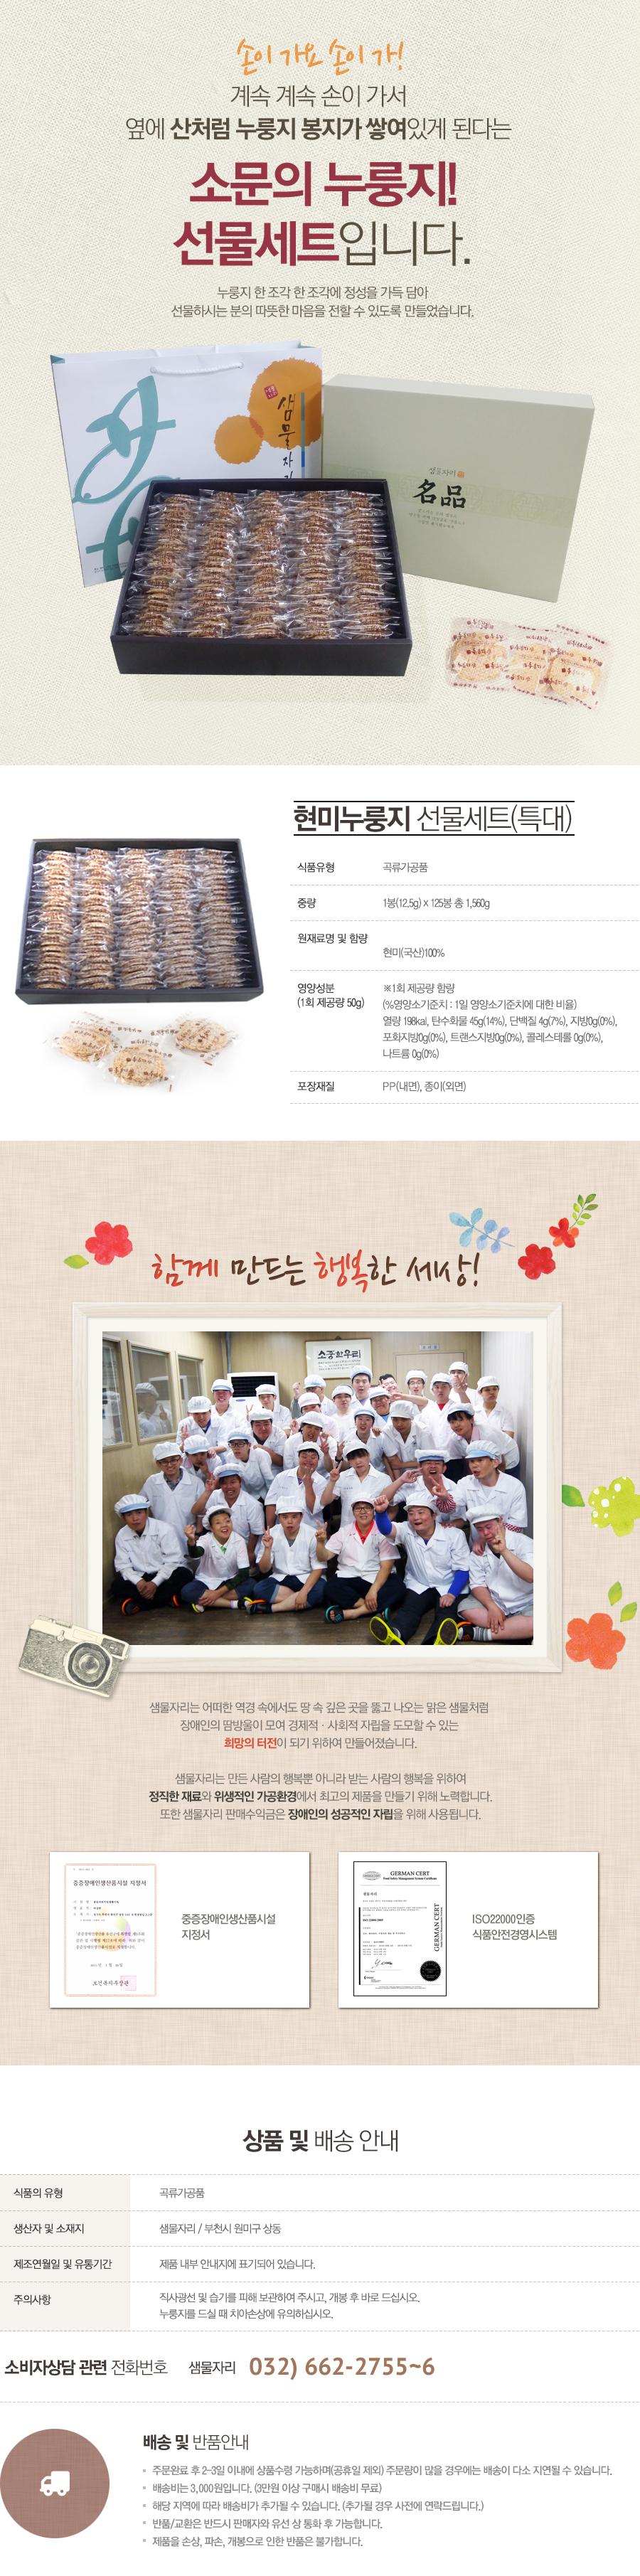 sub01 쇼핑 상세페이지 현미누룽지선물세트(특대).jpg